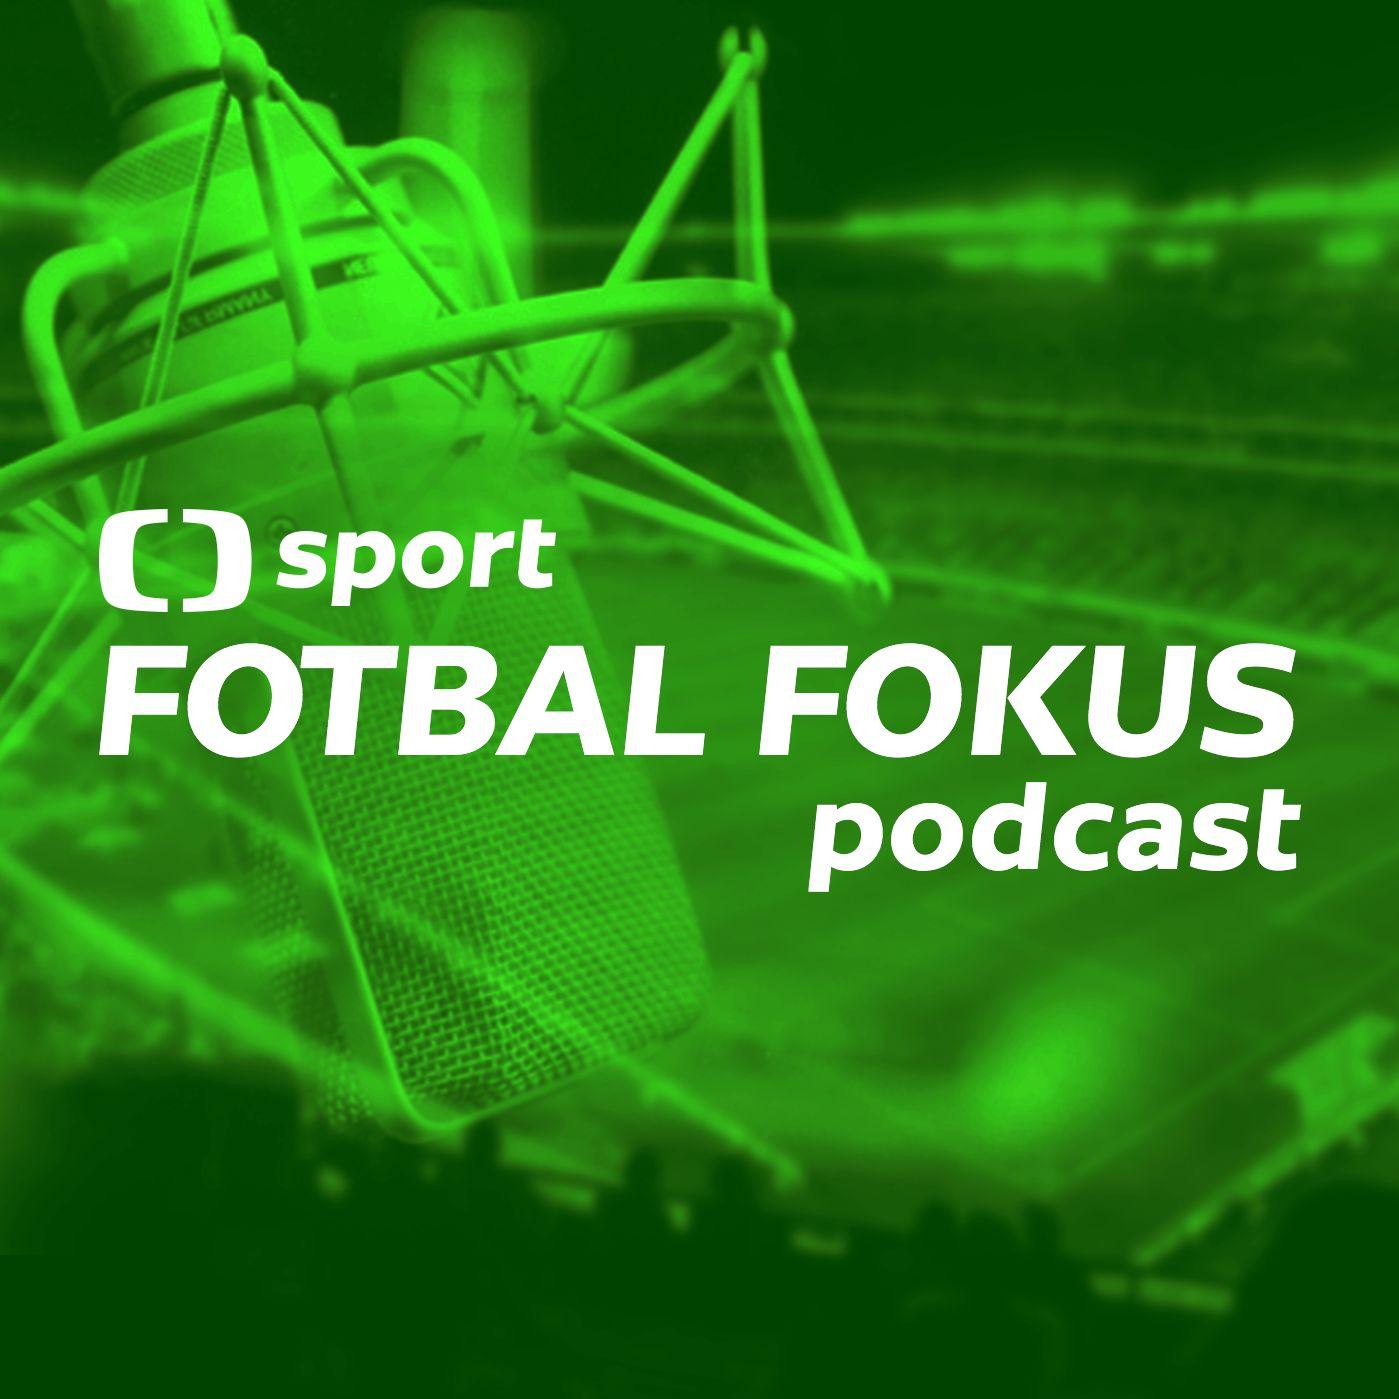 Fotbal fokus podcast: Proč Stramaccioni stále nedovede ukončit krizi Sparty?